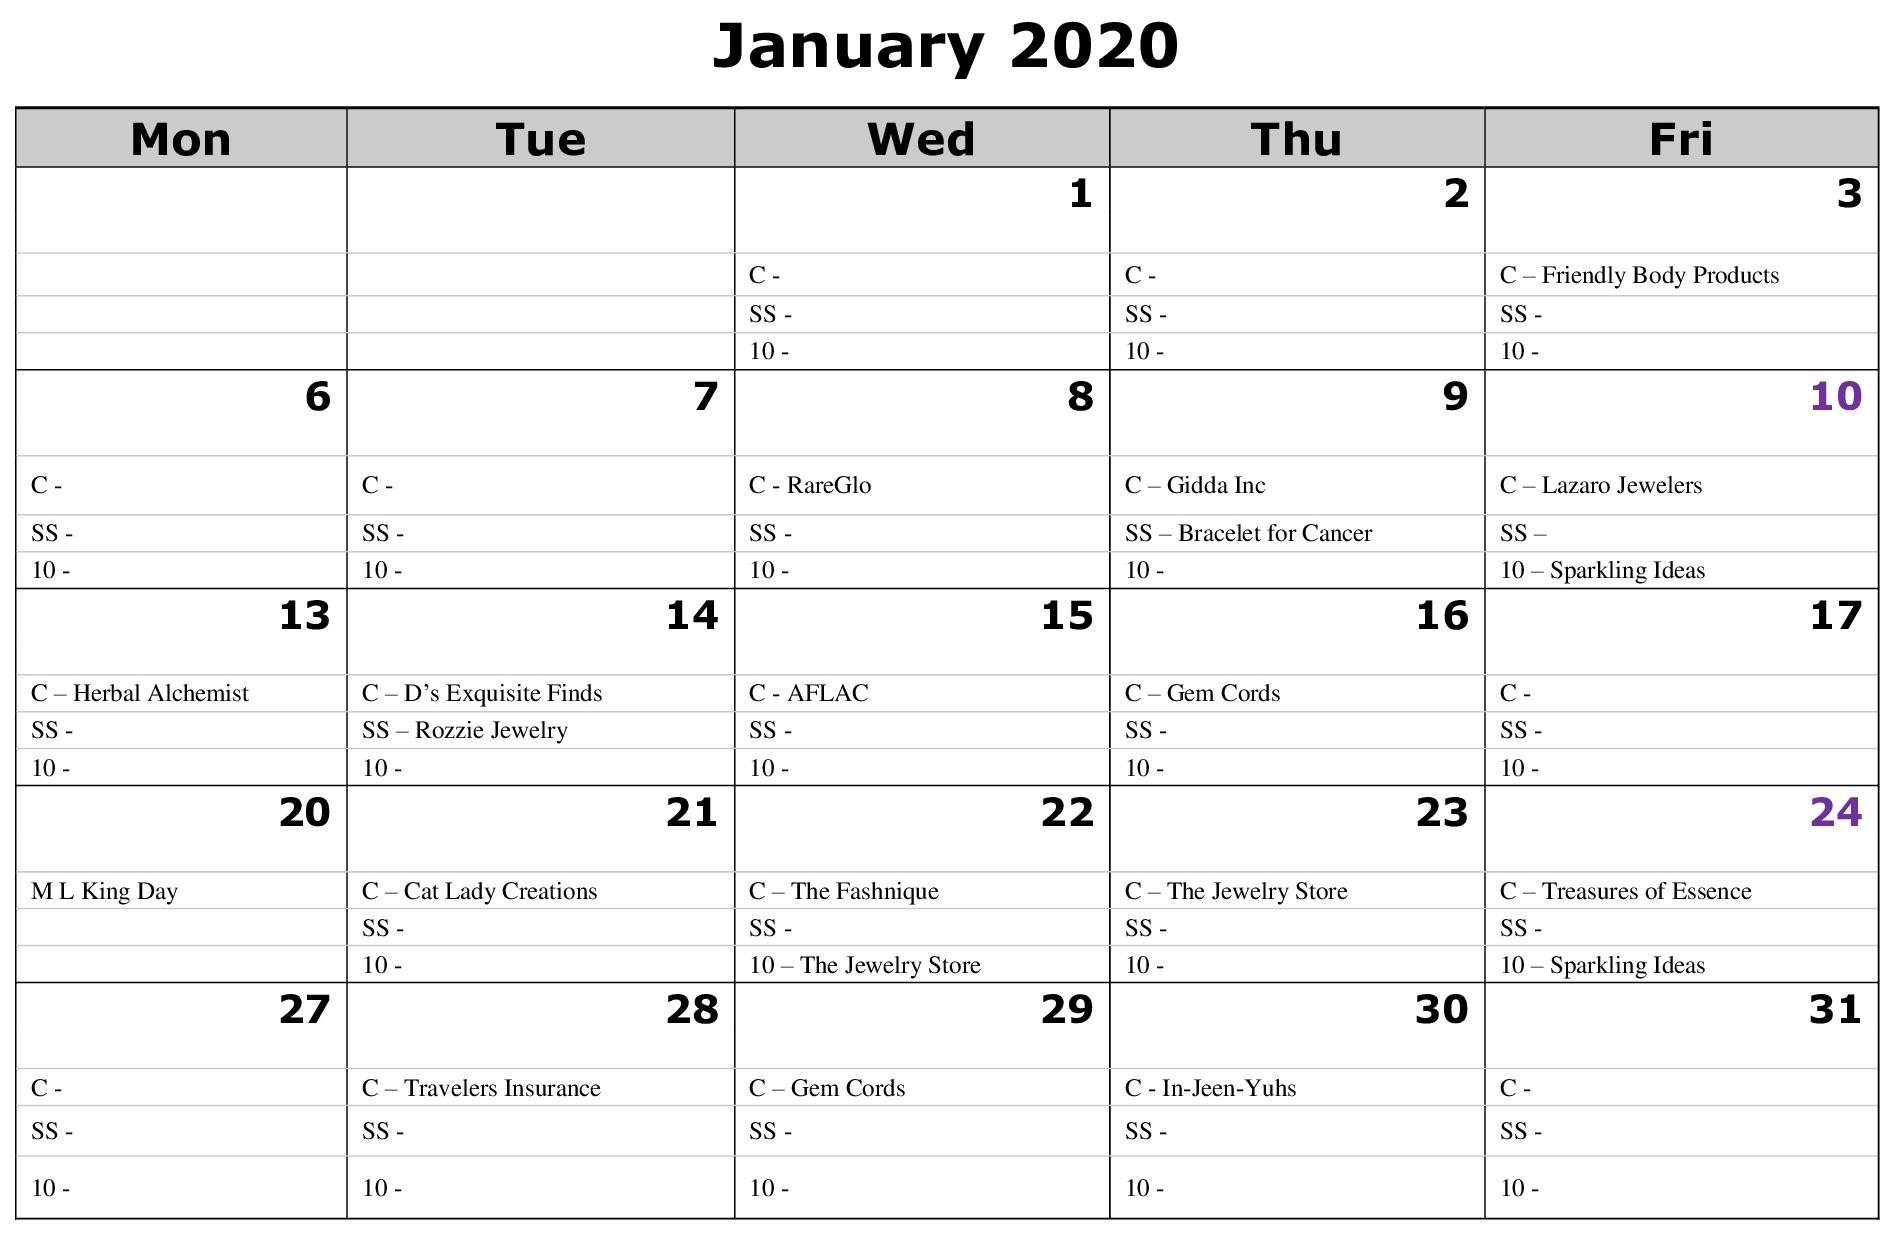 Jan 2020